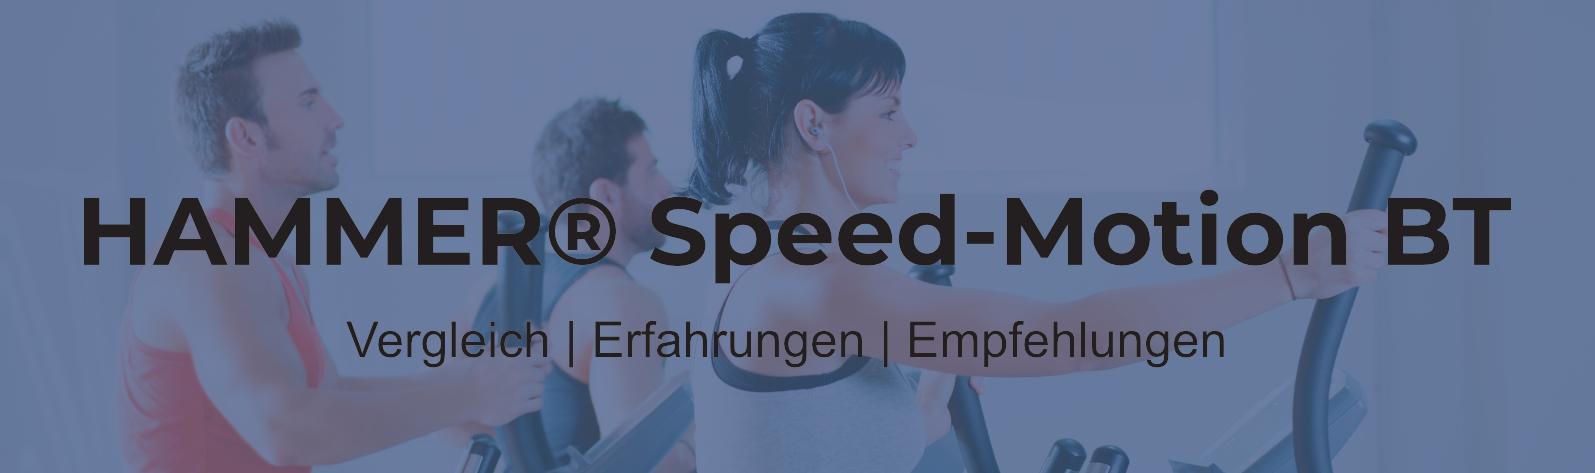 HAMMER Premium Speed-Motion BT® Ellipsentrainer